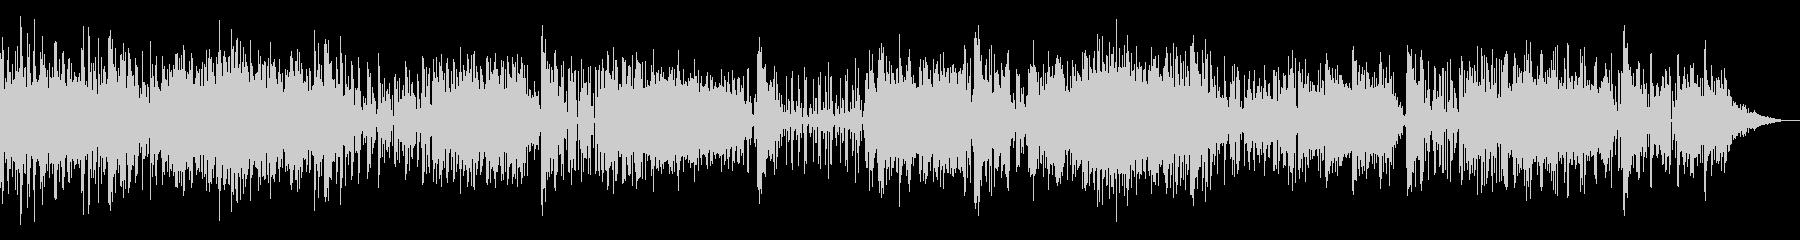 ロボティックなシンプルIDMの未再生の波形